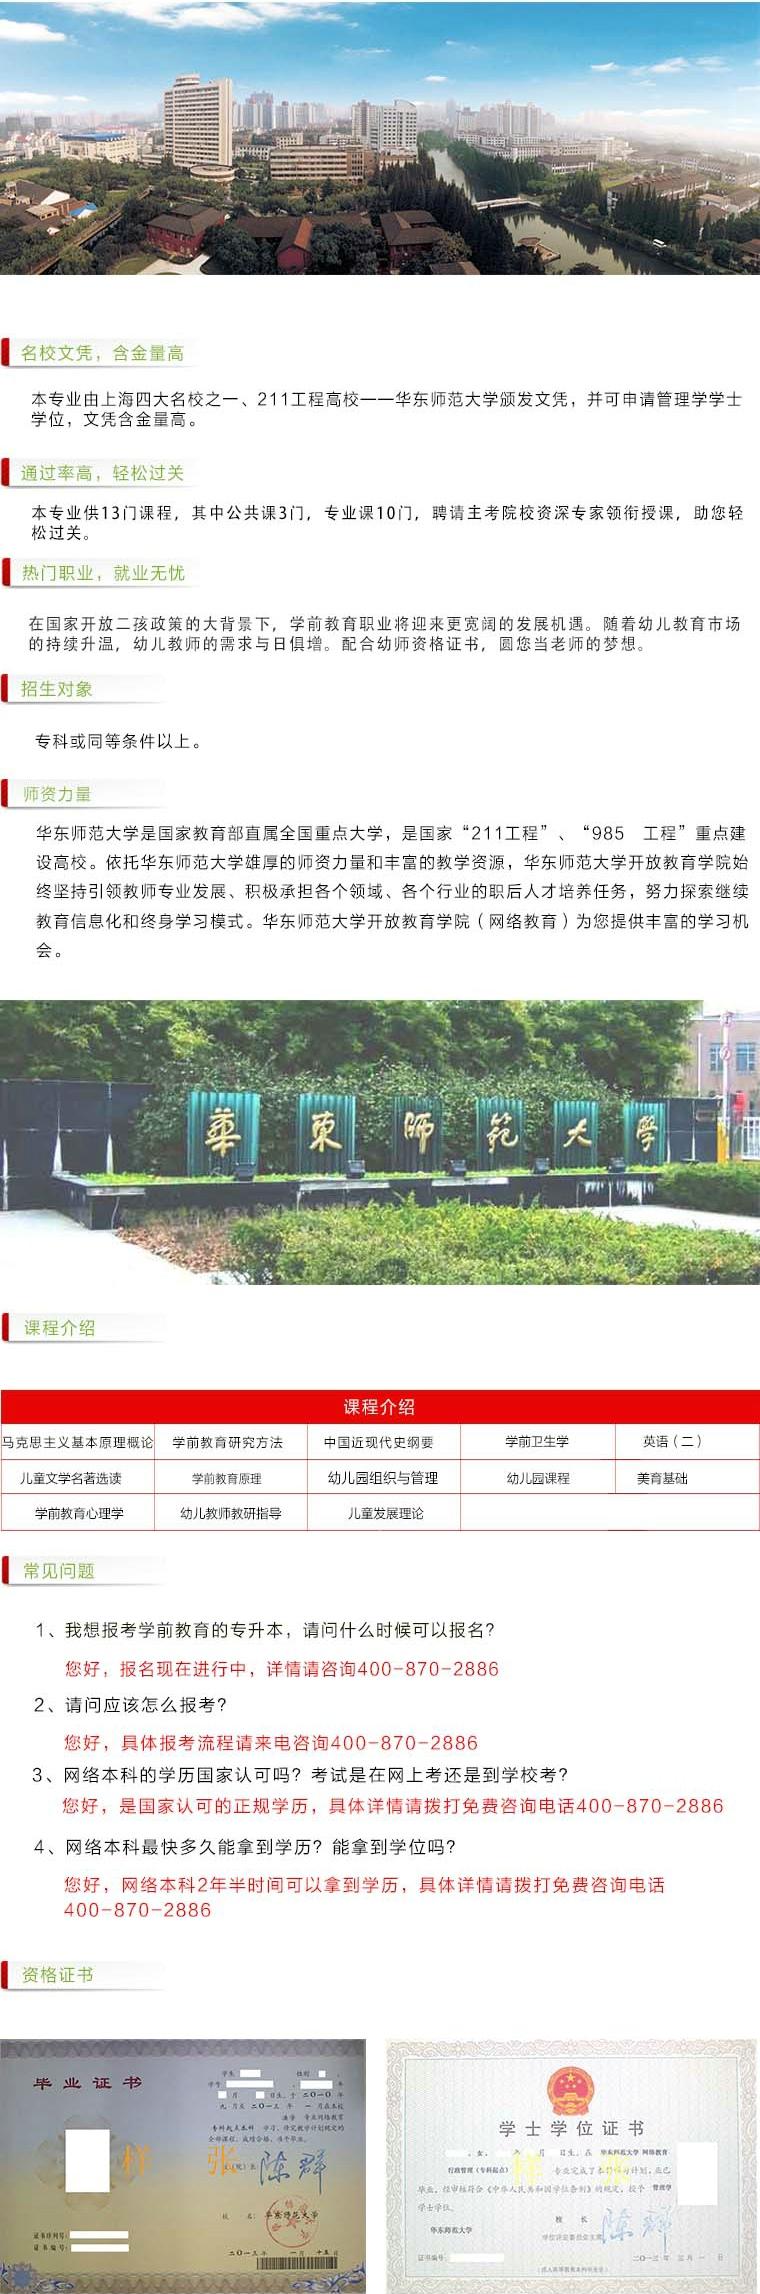 上海新知进修学院